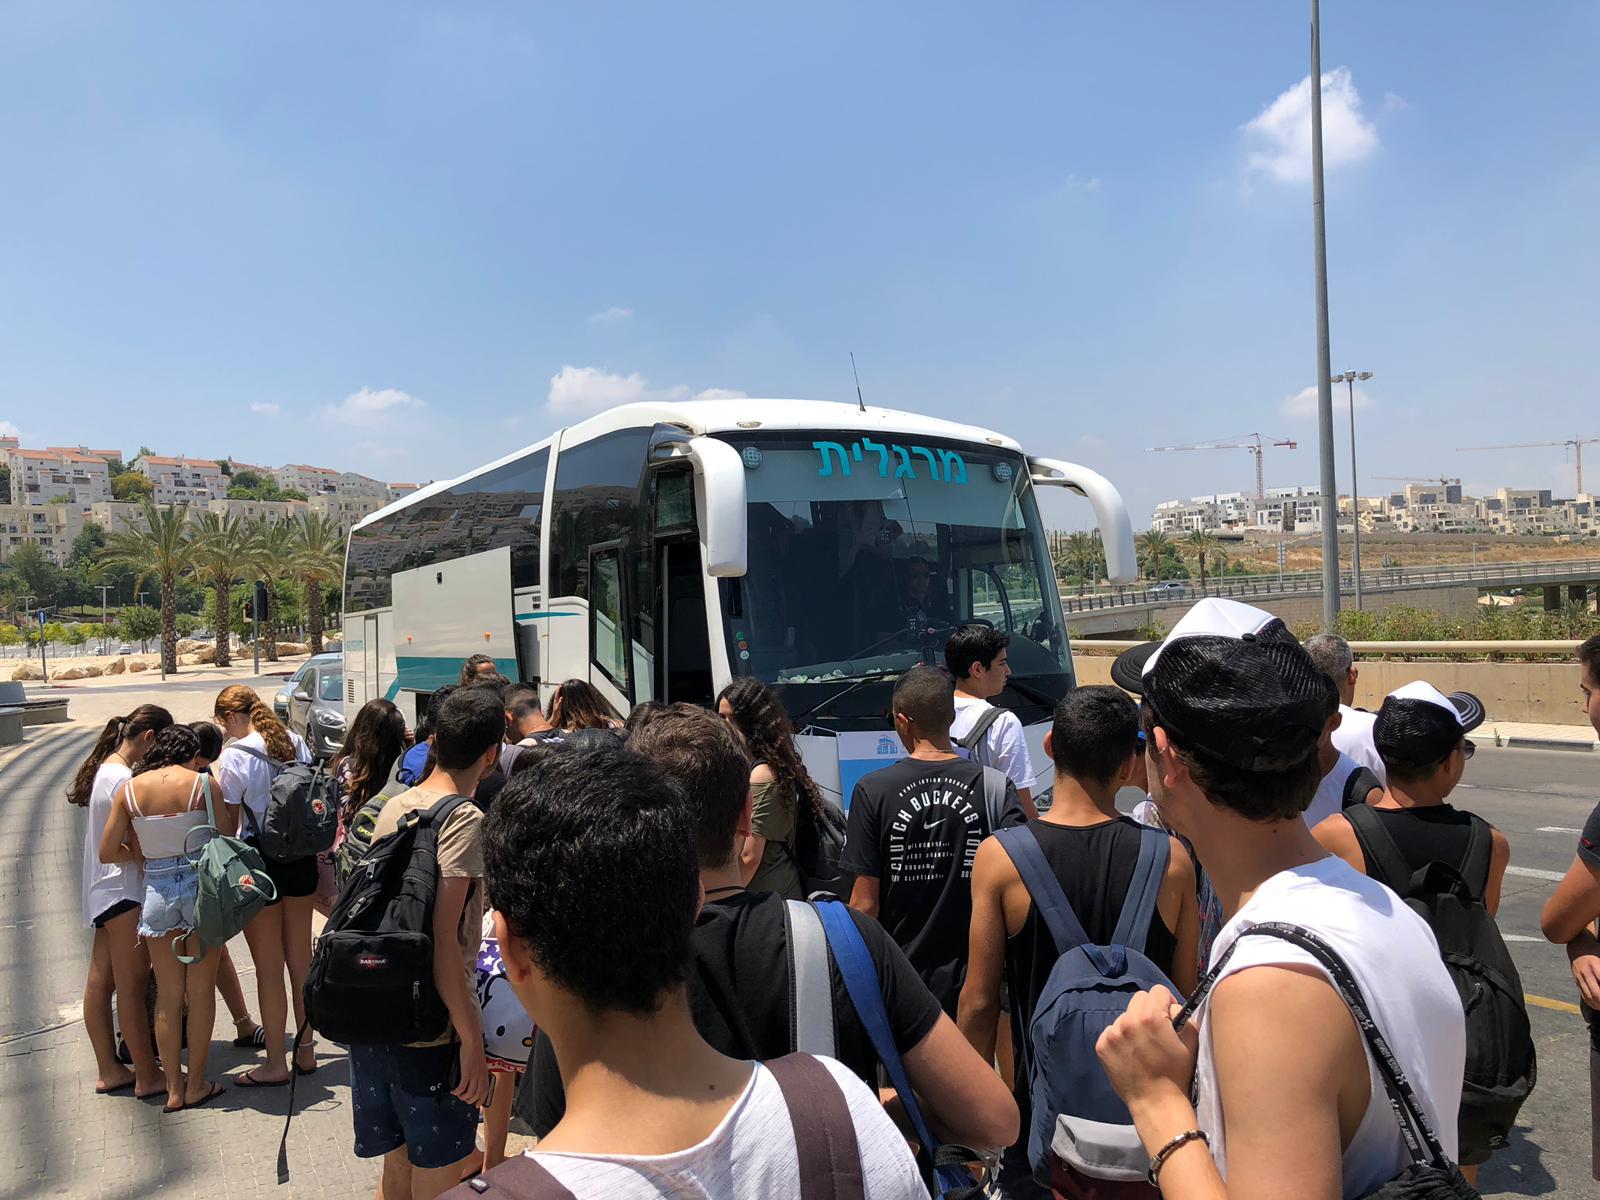 ימבוס - אוטובוס השבת במודיעין (צילום: דוברות עיריית מודיעין מכבים רעות)